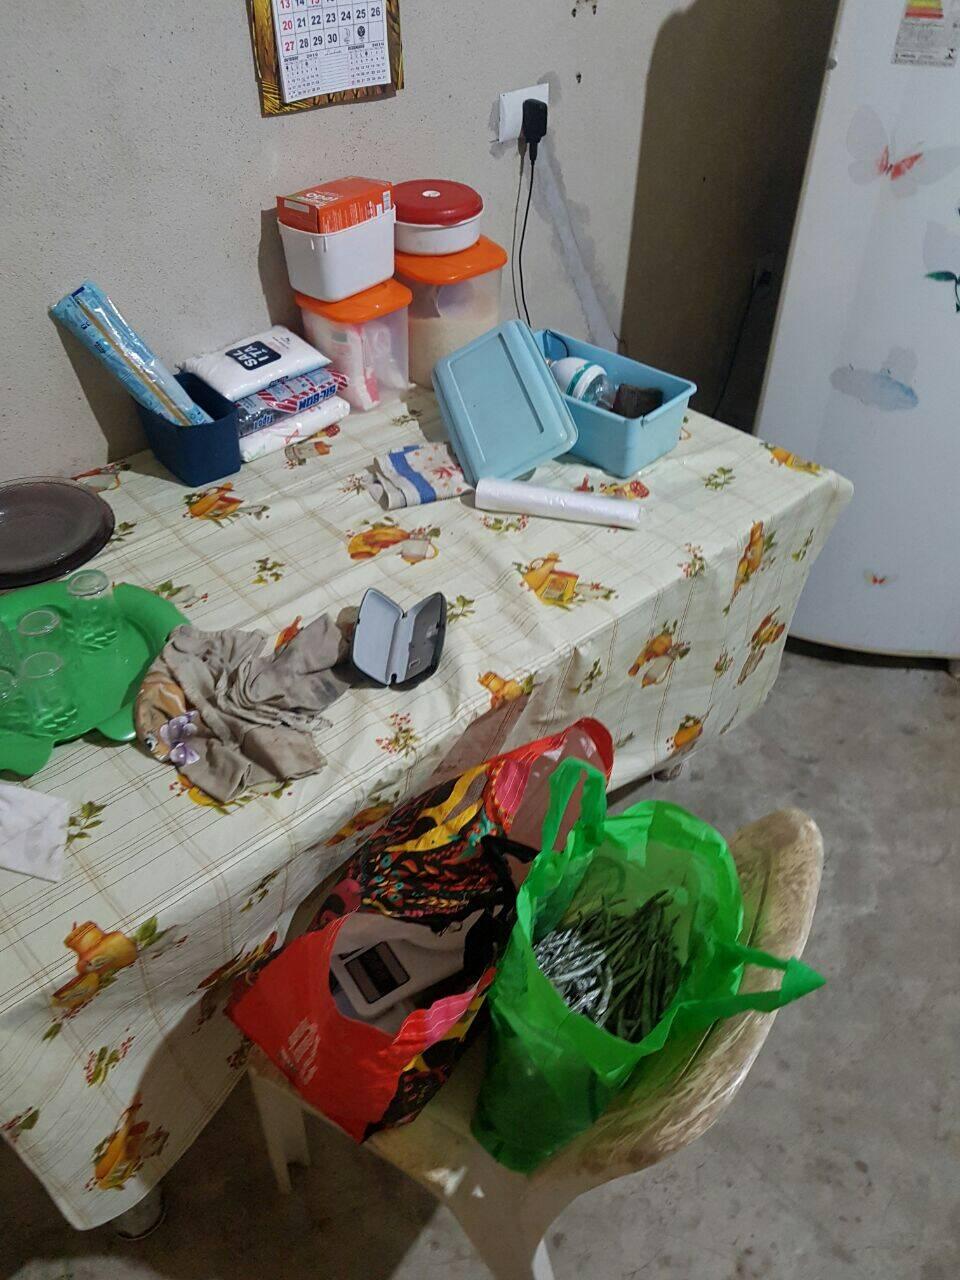 Operação em São Vicente: Maconha na sacola pronta para ser distribuída aos traficantes. Foto: PM Divulgação